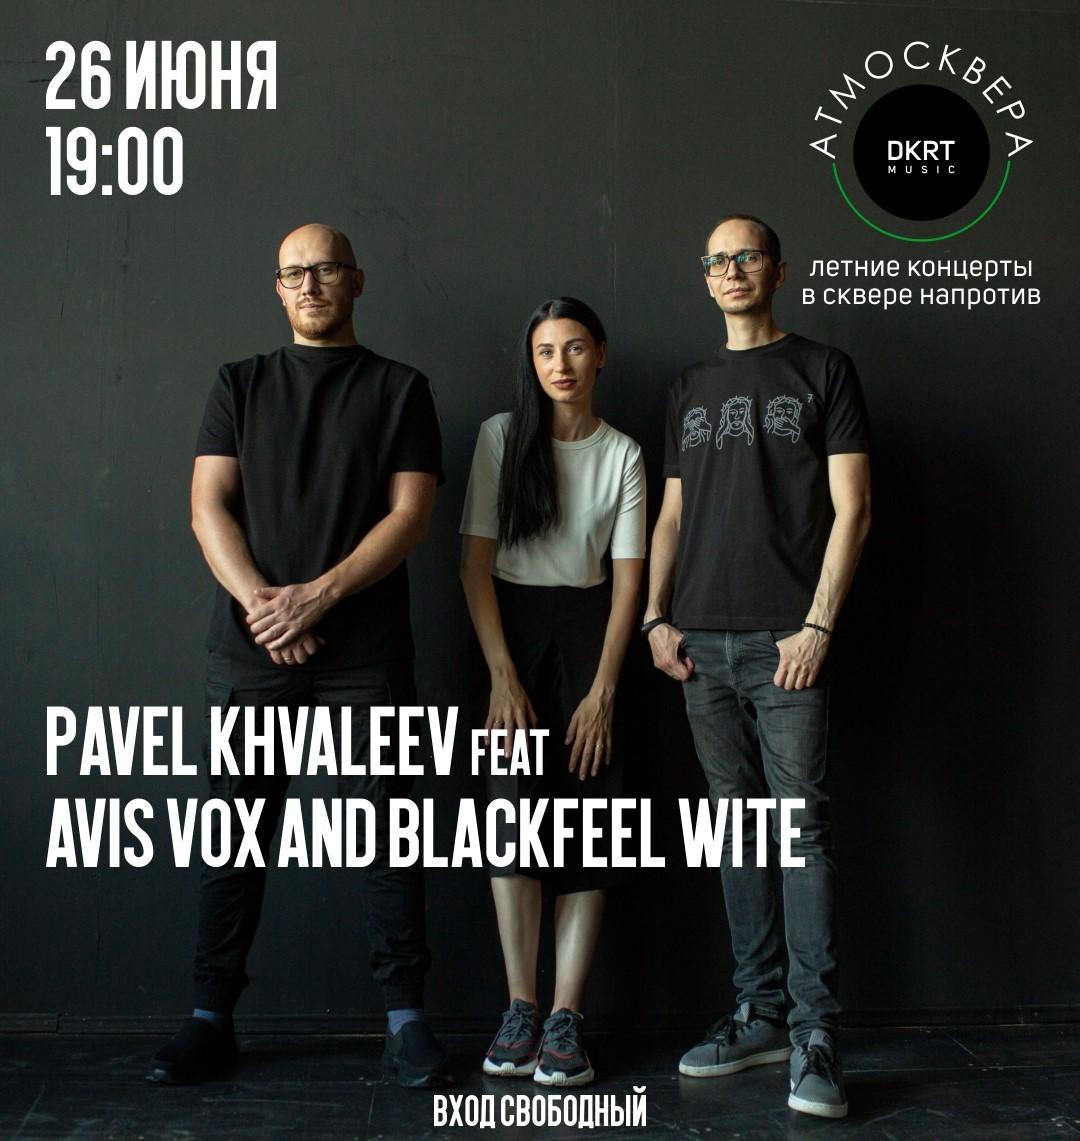 PAVEL KHVALEEV feat AVIS VOX & BLACKFEEL WITE